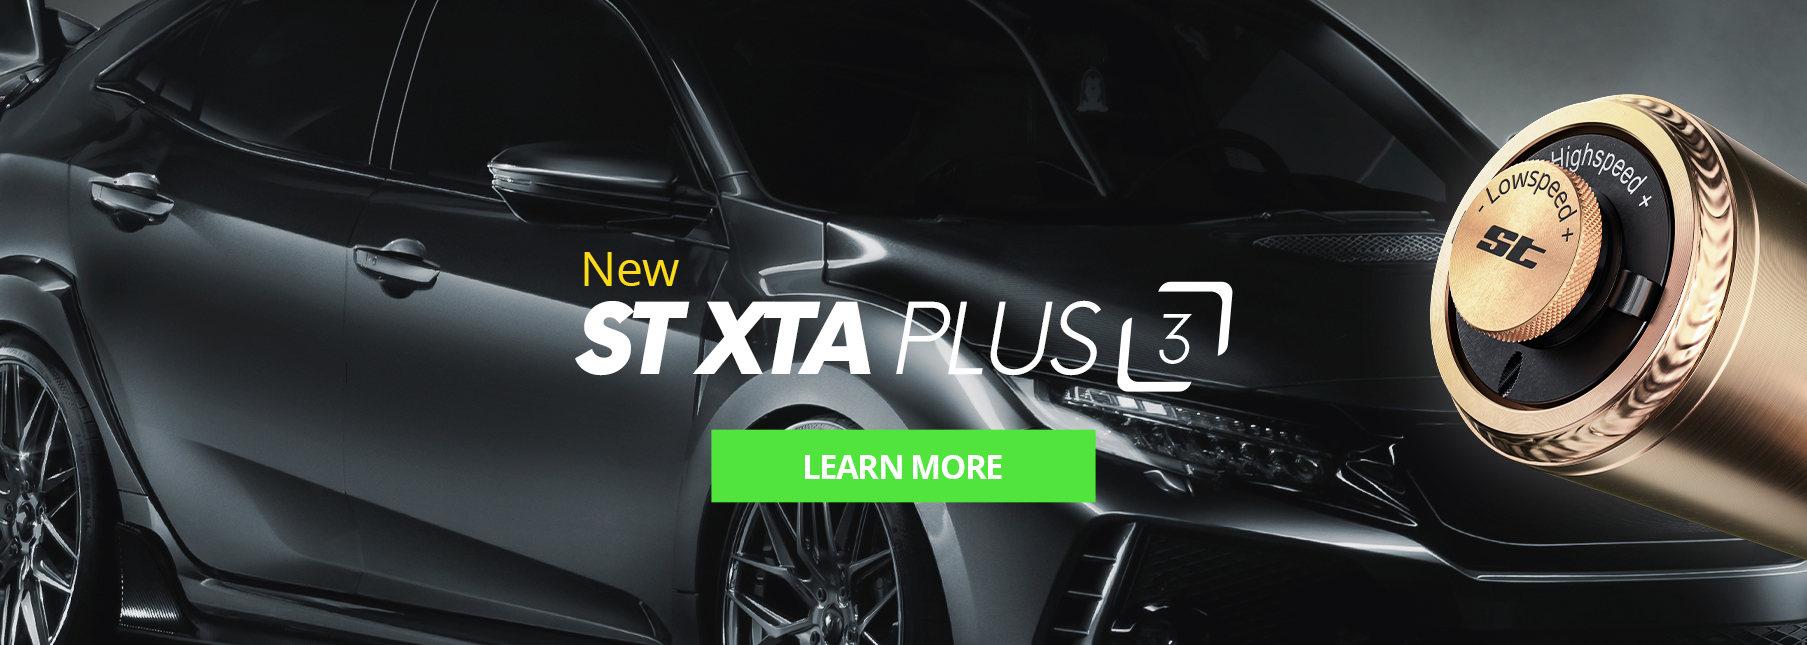 ST XTA PLUS 3